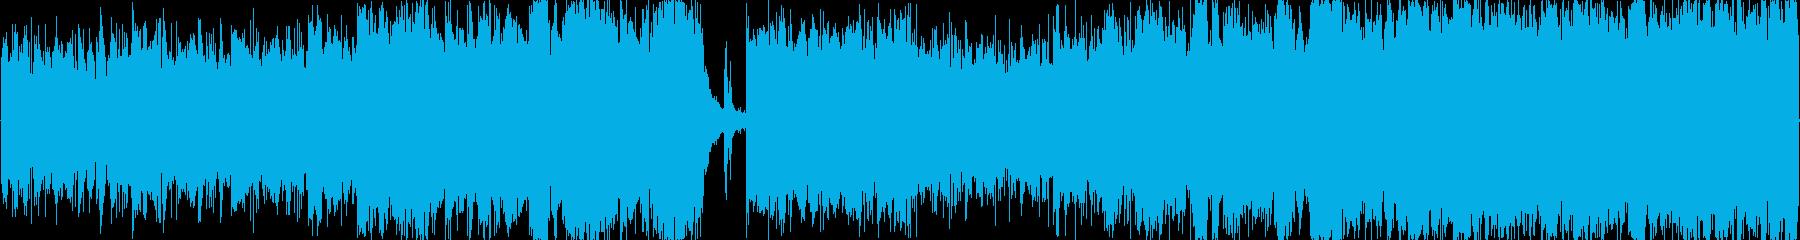 ヘビメタ系ループ音源の再生済みの波形